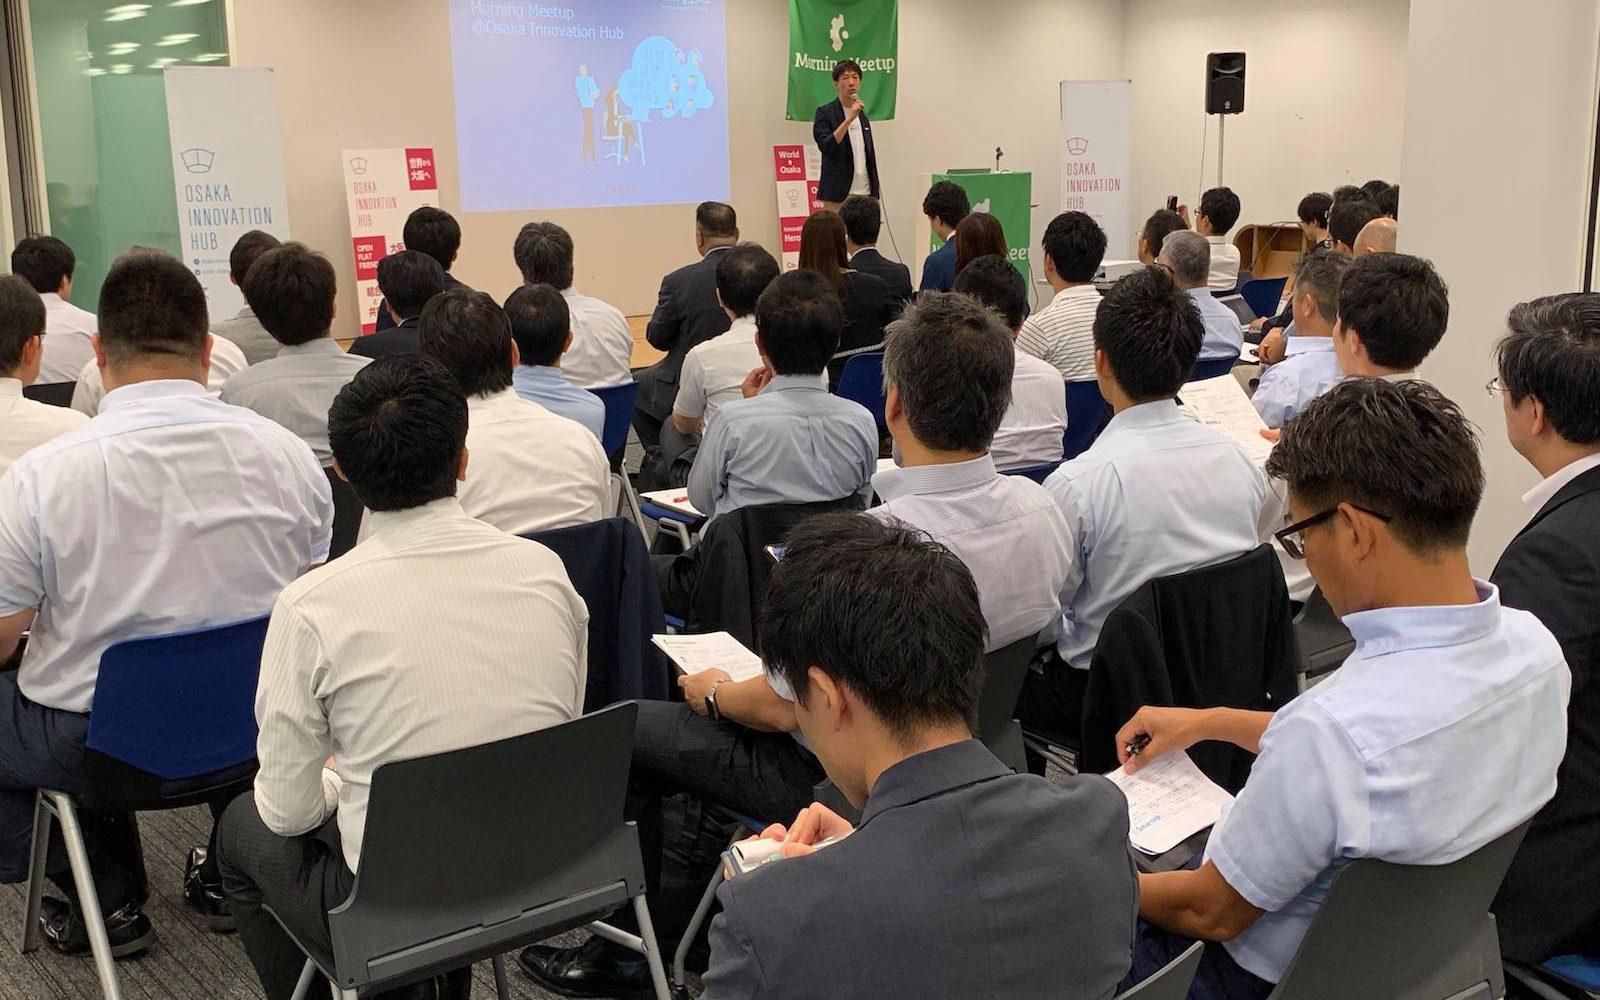 124回Morning Meet Upトーマツベンチャーサポート主催での経理アウトソーシングサービスを提供するメリービズ